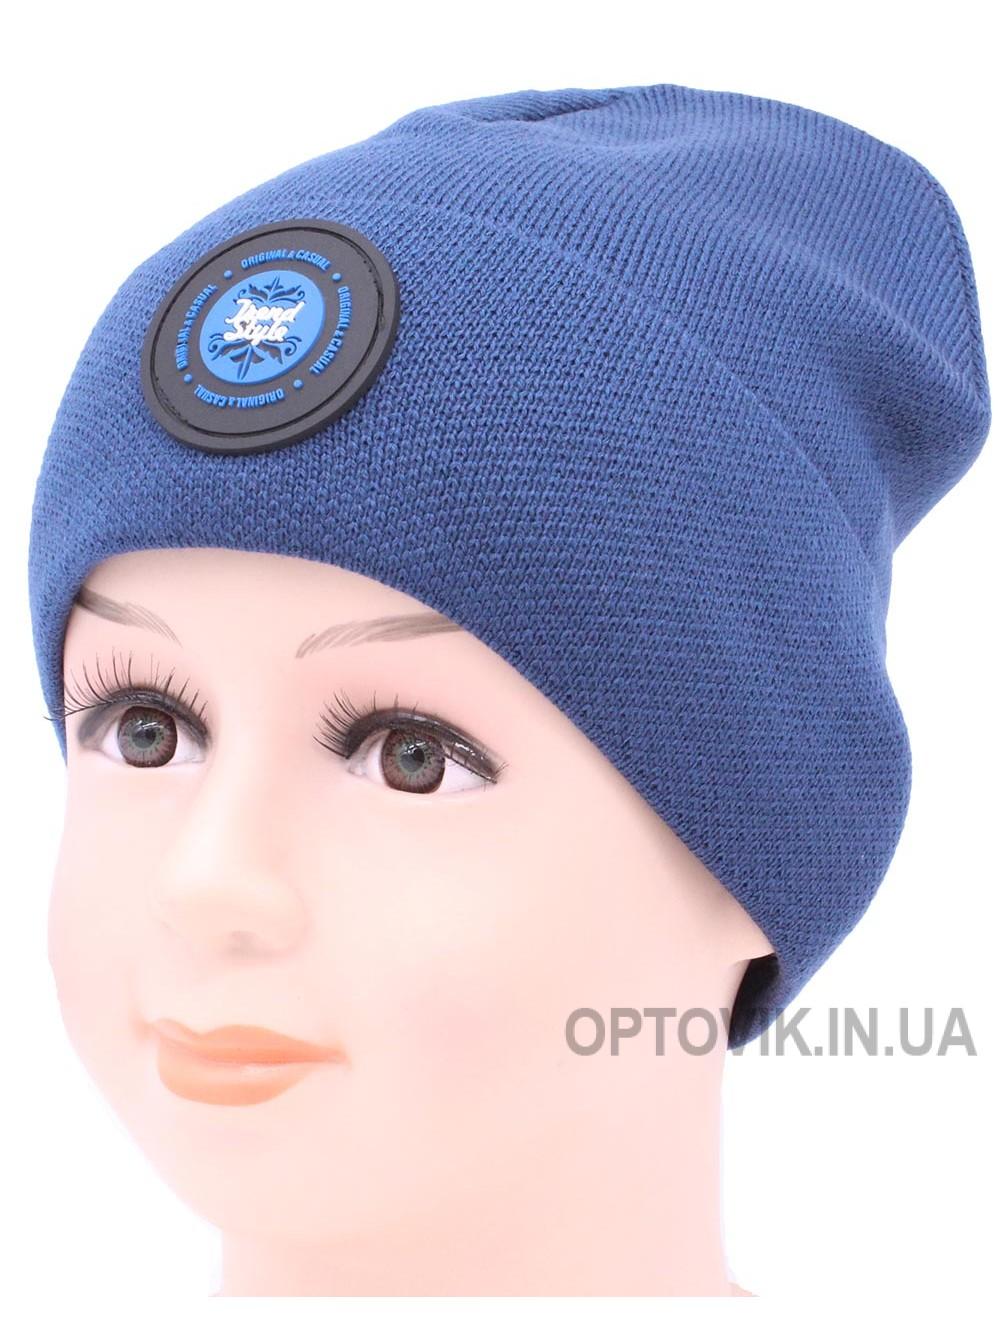 Детская вязаная шапка Крис D53729-48-52